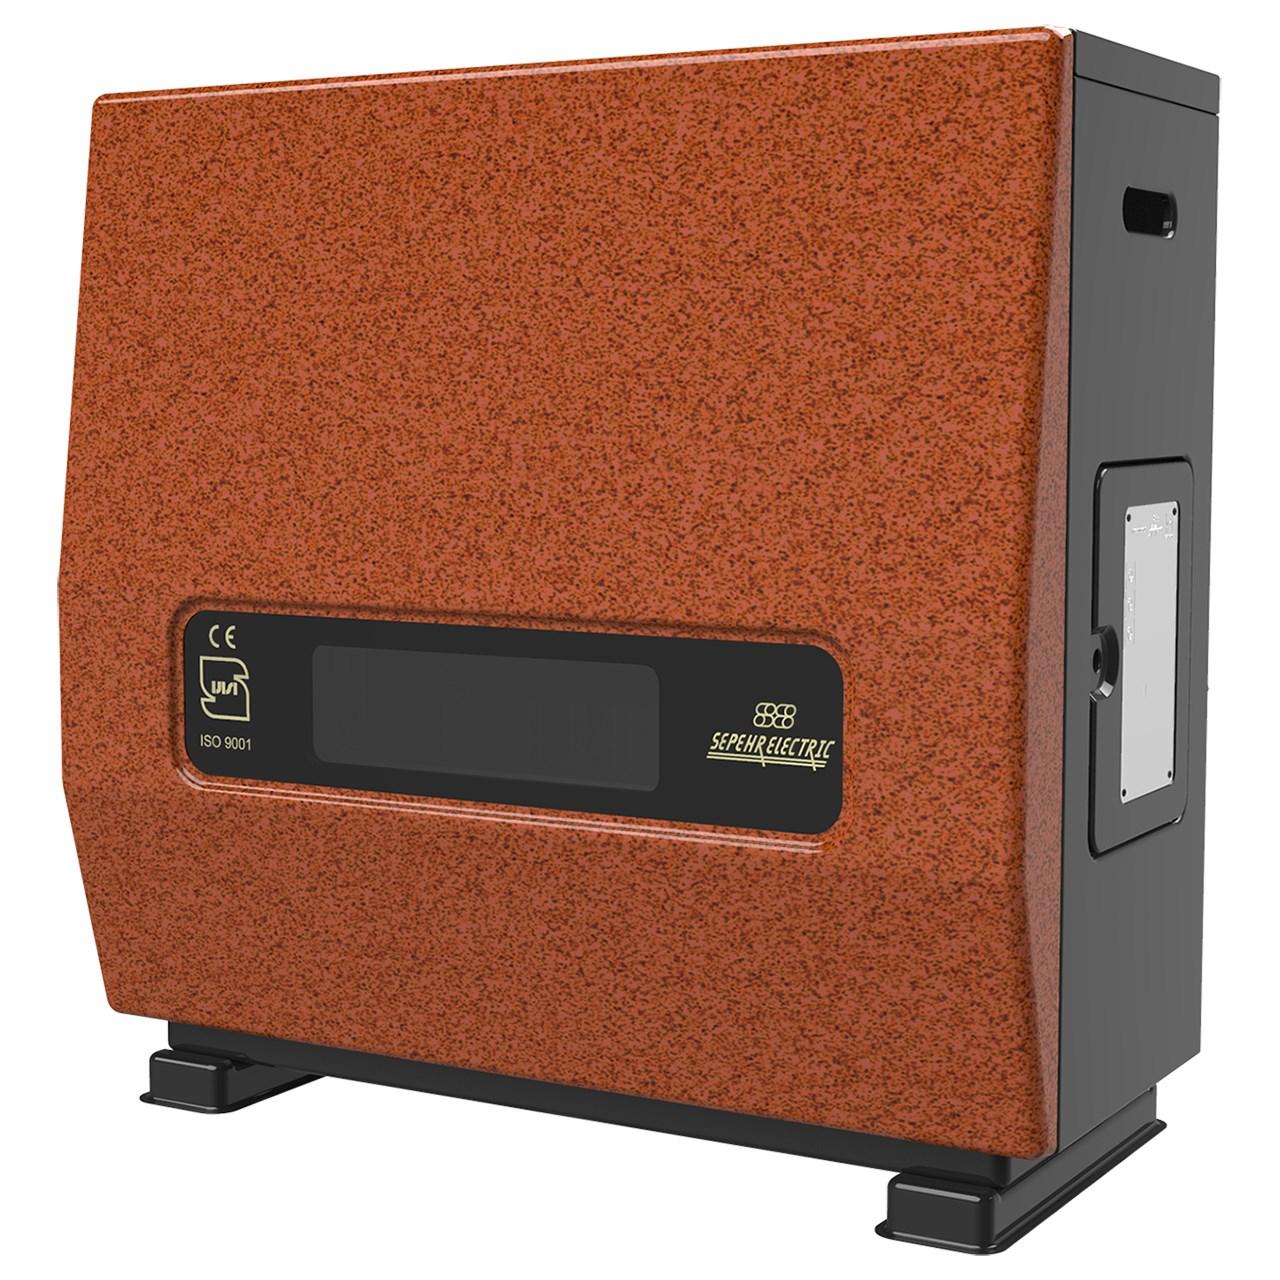 بخاری گاز سوز سپهر الکتریک مدل پگاه SE9000 نمای جلو مسی